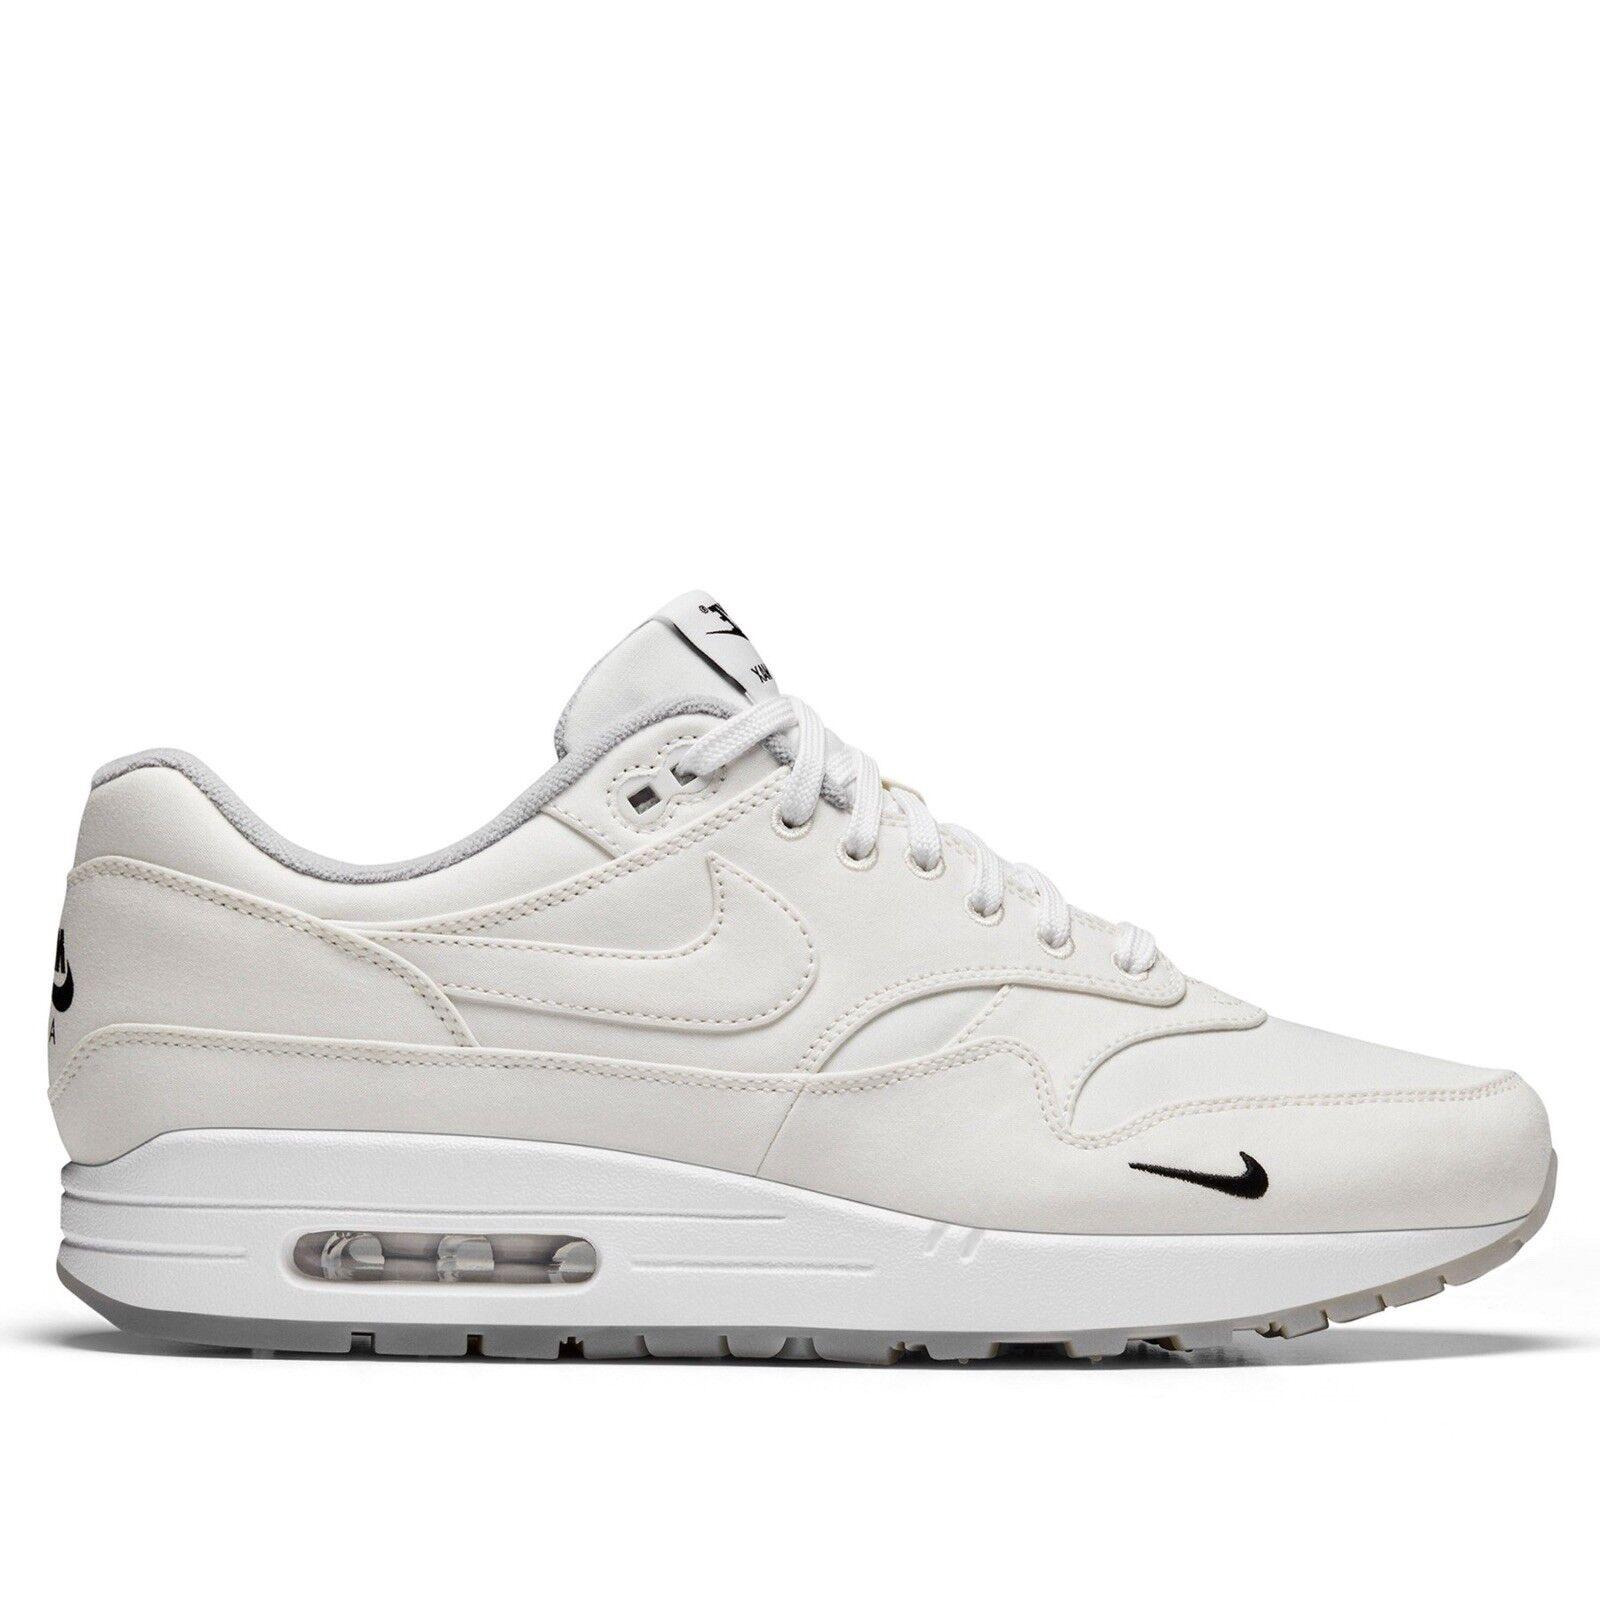 Nike air max 1 x nikelab street dover street nikelab market dsm weißen größe 8 ah8051-100 cfce56